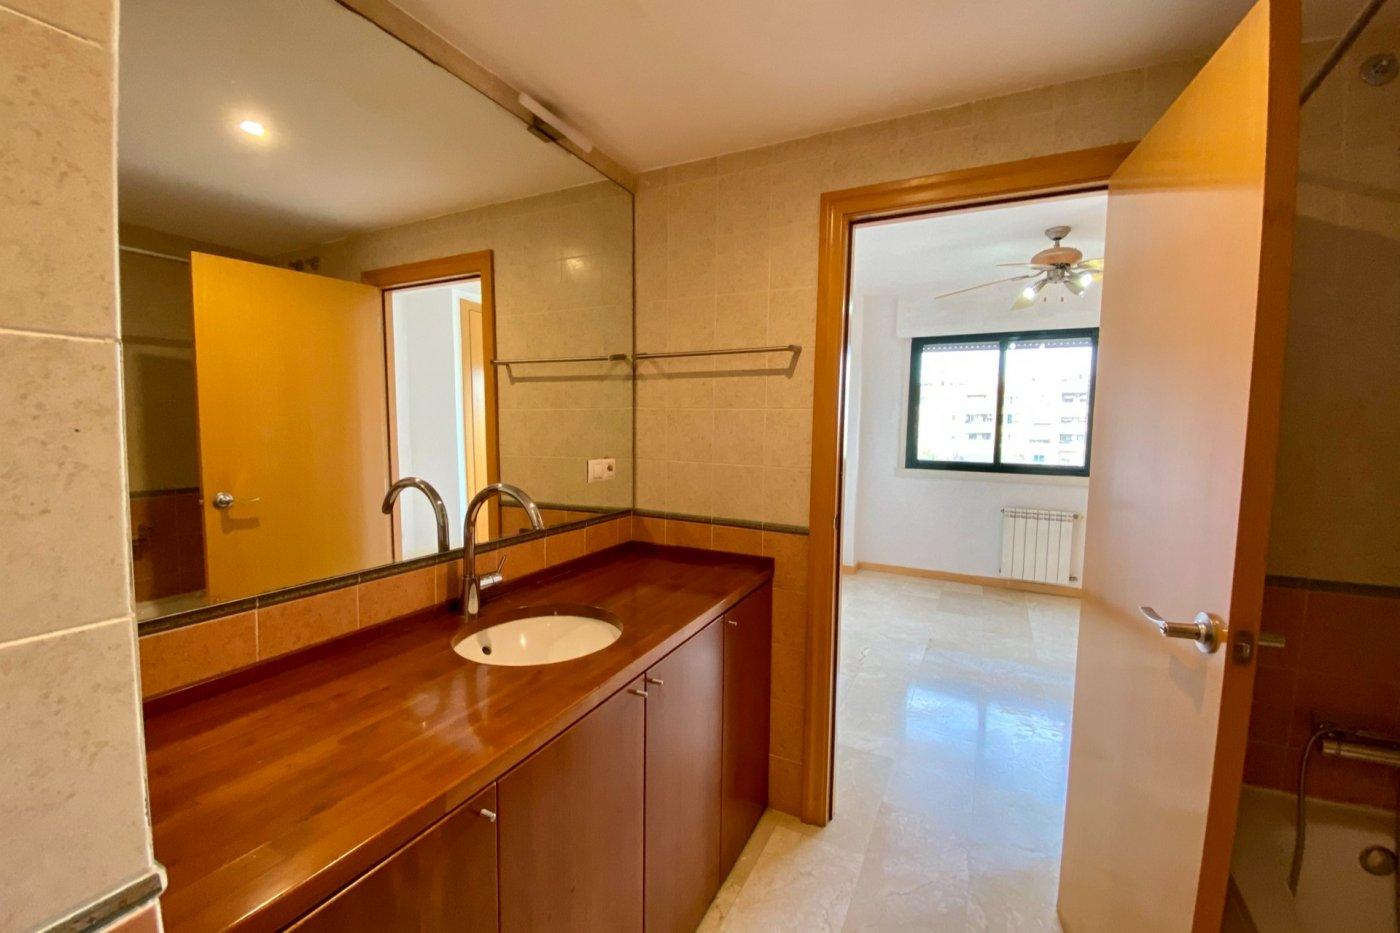 Piso sin muebles de 105 m² de superficie en zona residencial de son cotoner, palma de mall - imagenInmueble15